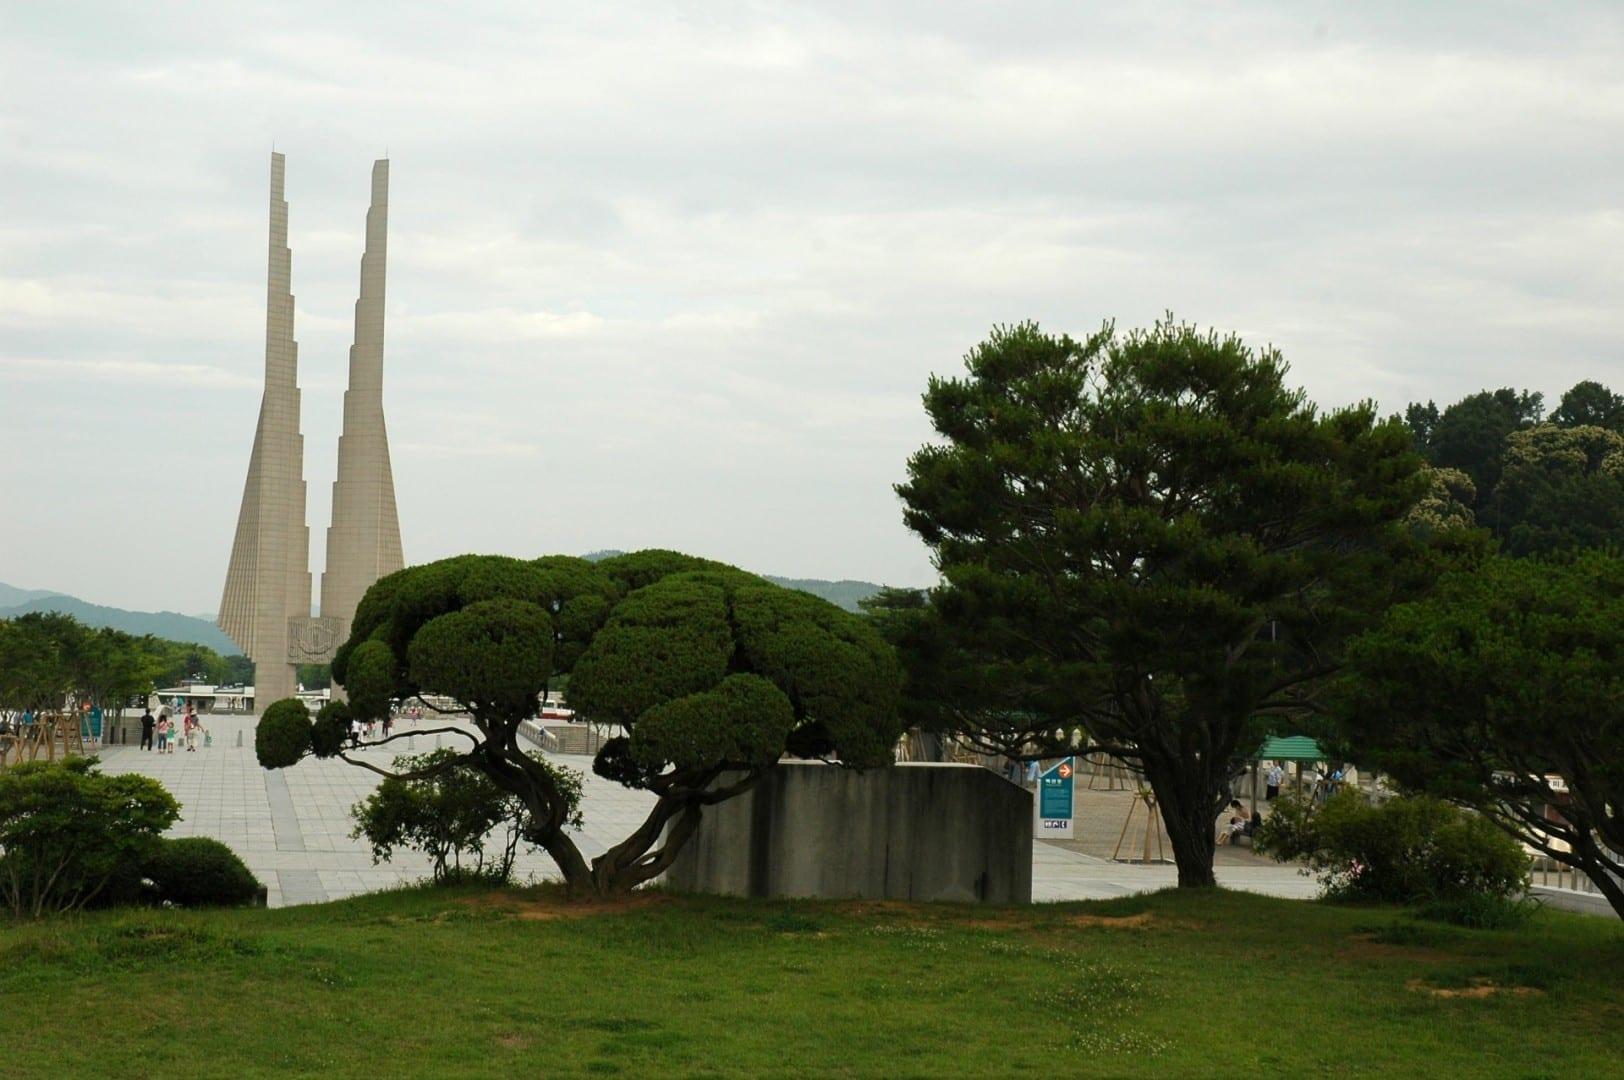 Patio de la Independencia, con el Monumento a la Nación en el fondo Cheonan Corea del Sur